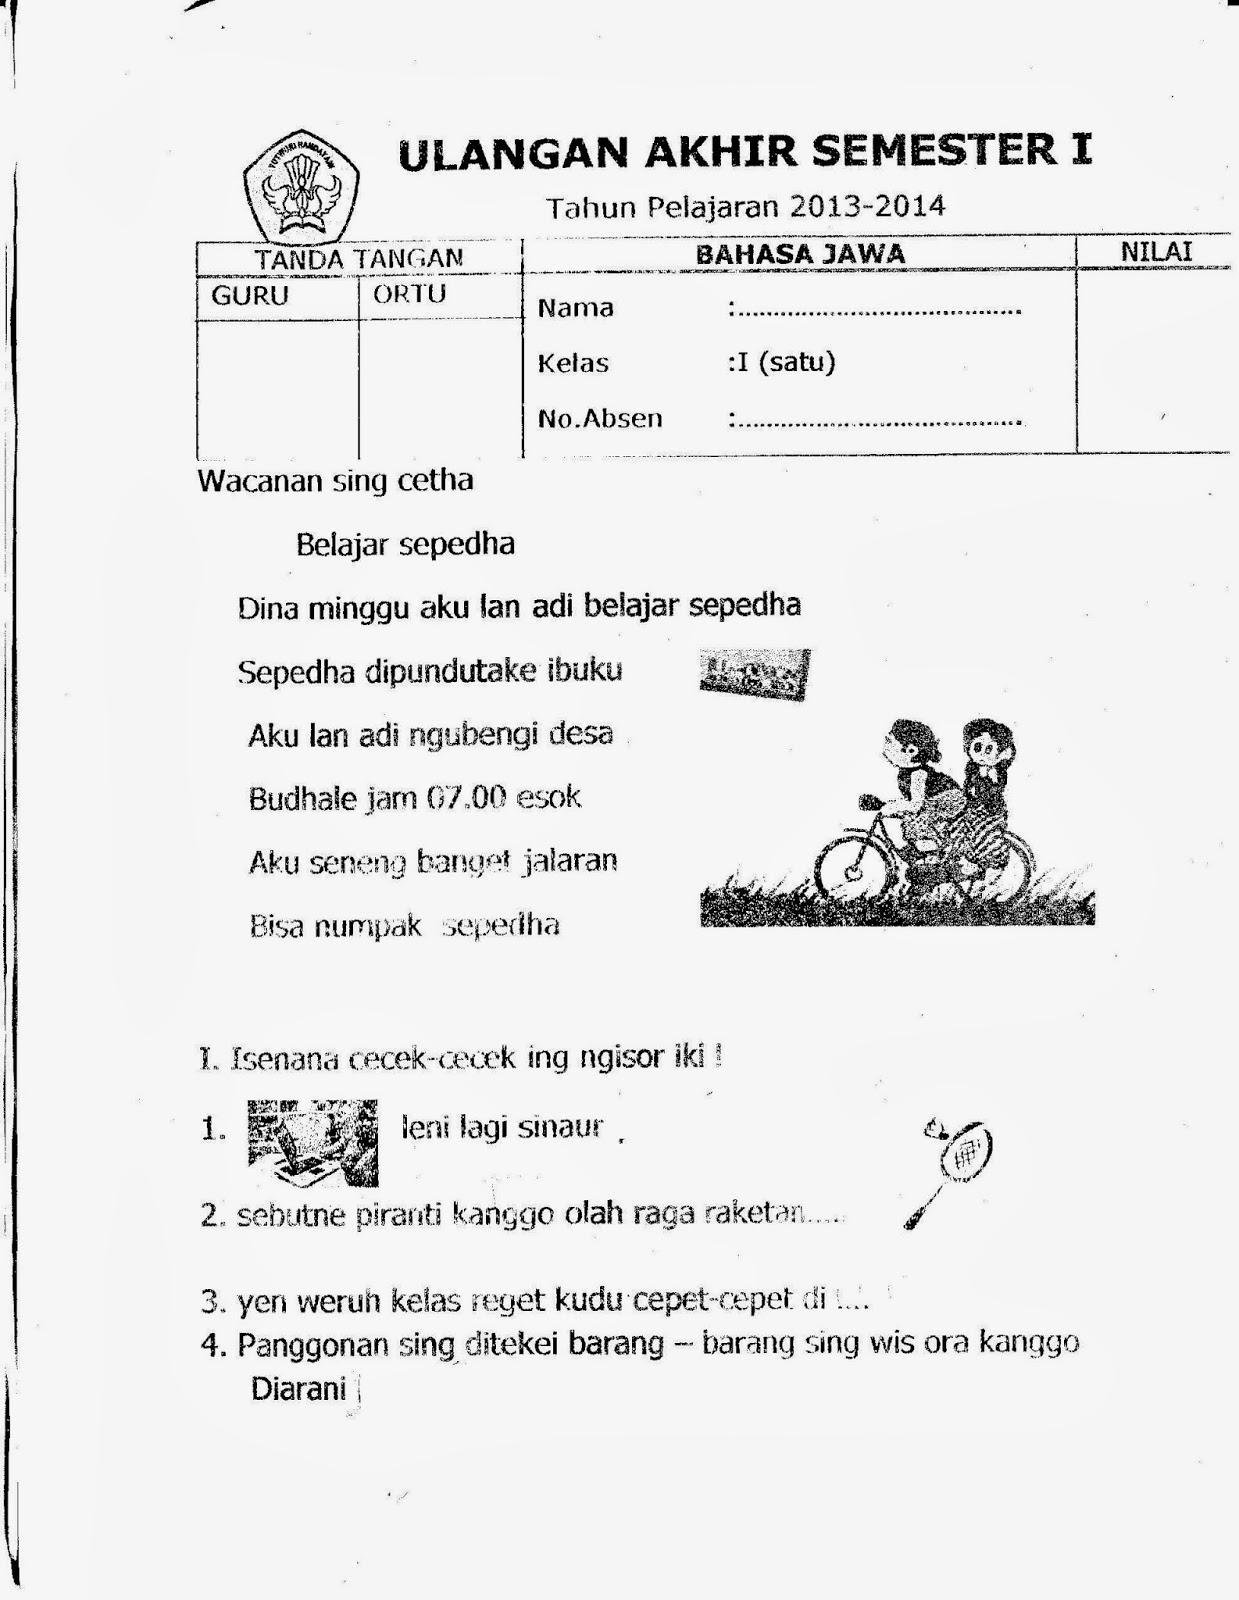 Bahasa Jawa Kelas 5 Semester 1 Ilmusosial Id